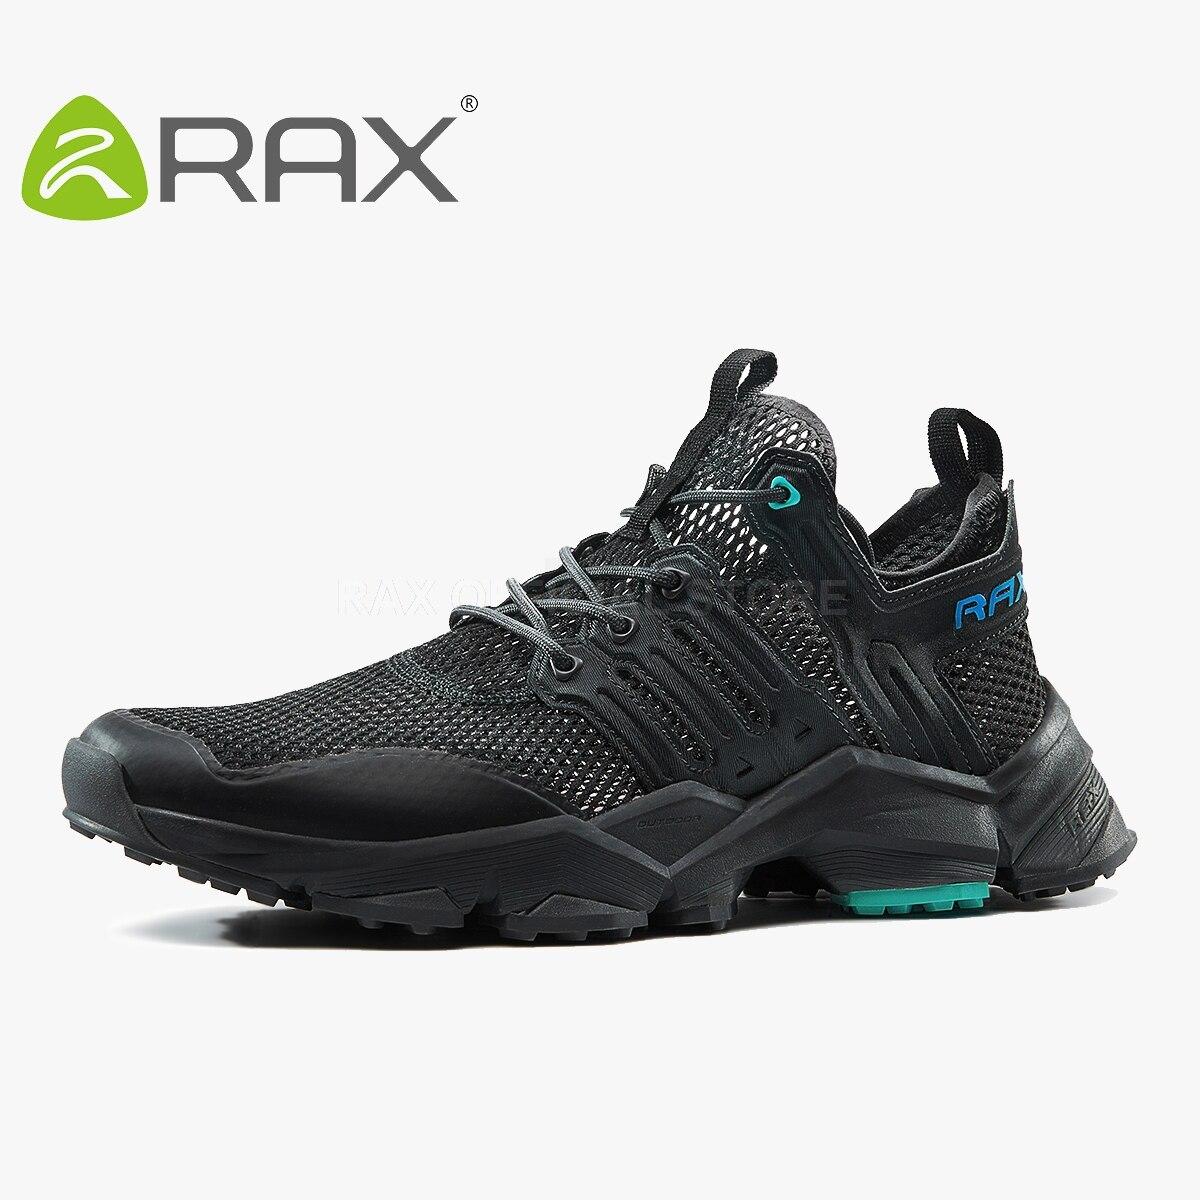 RAX Для мужчин S Кроссовки спортивная обувь Для мужчин дышащая Бег Спортивная обувь мужские кроссовки уличная спортивная обувь Спортивное ...